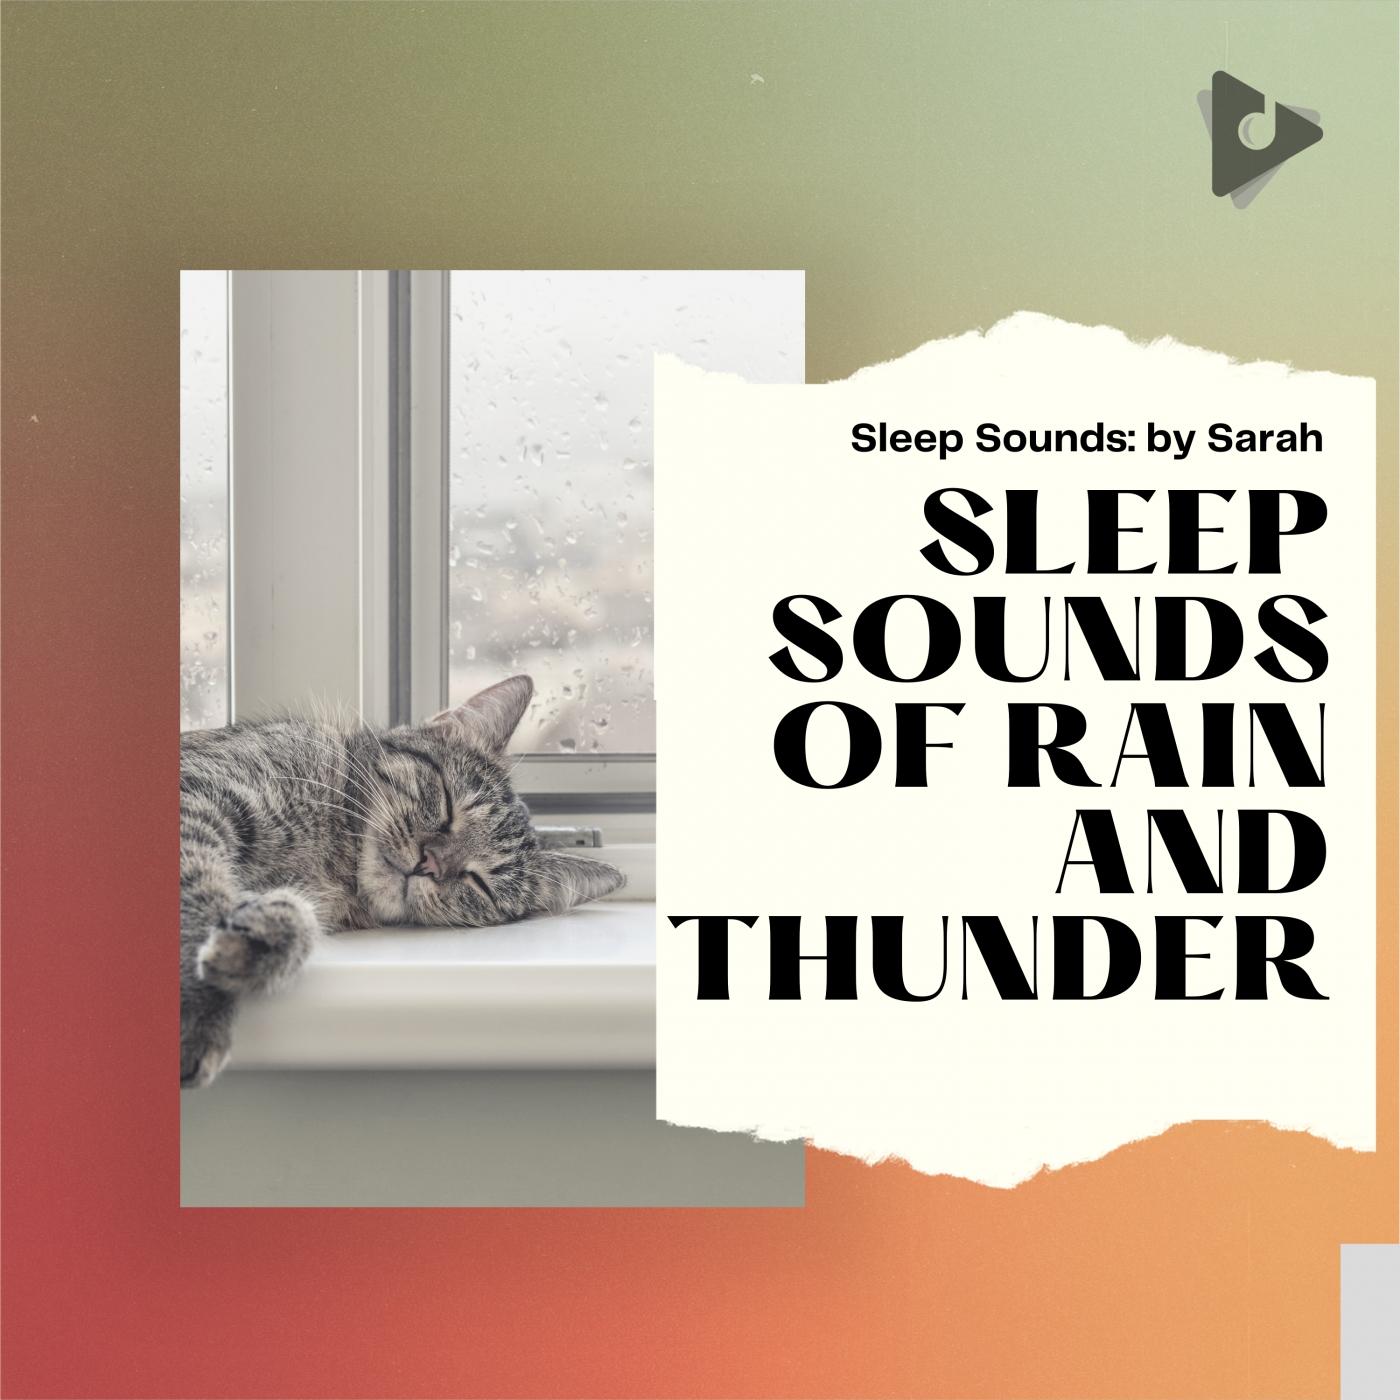 Sleep Sounds of Rain and Thunder